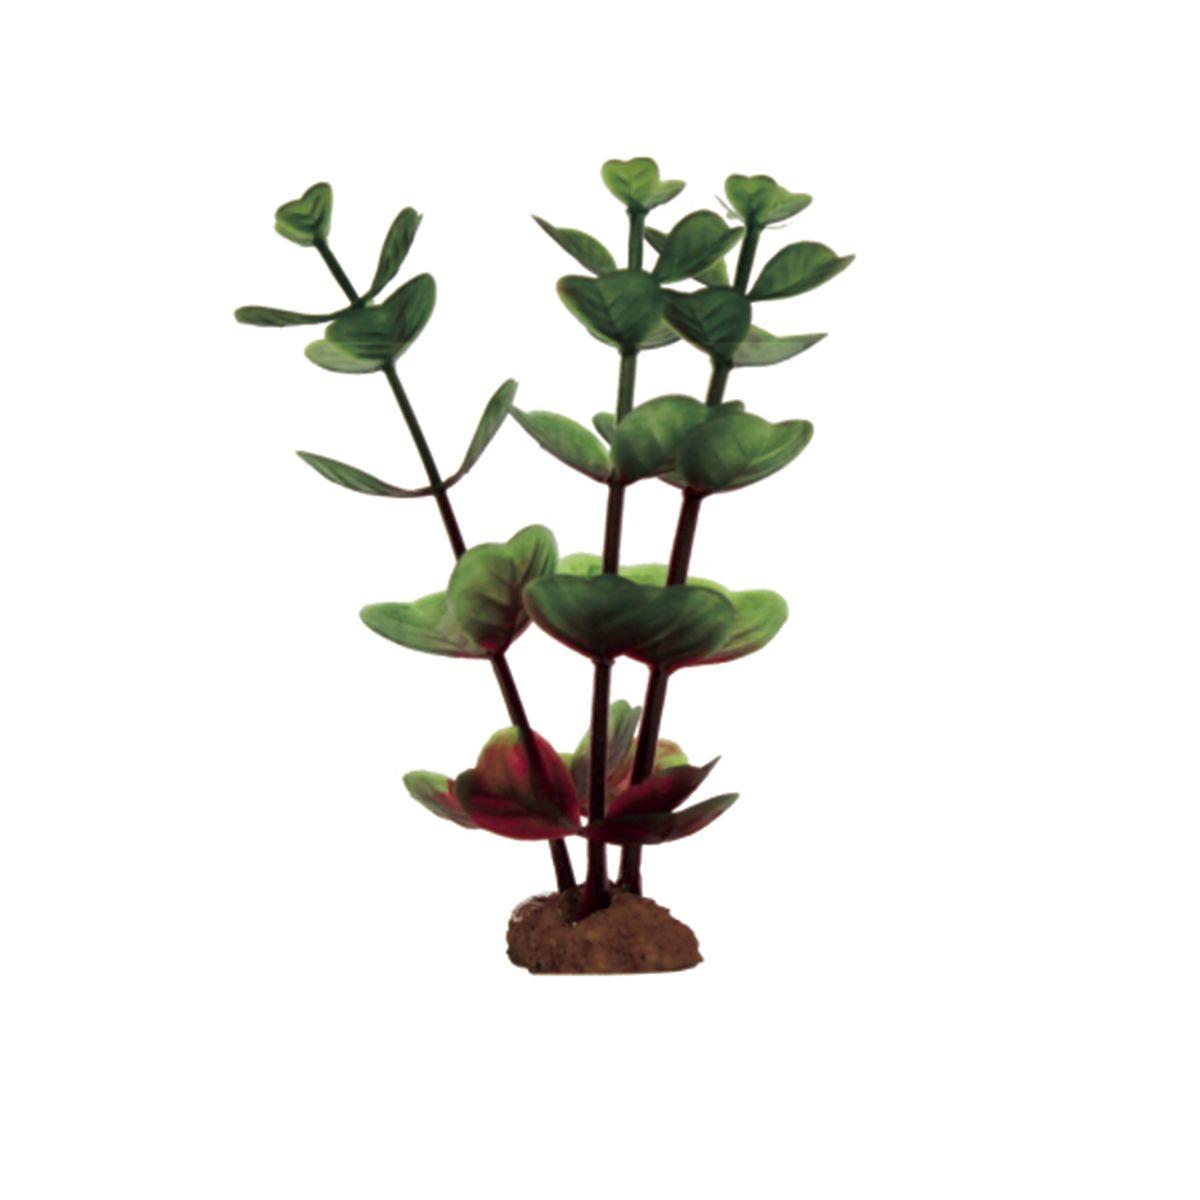 Растение для аквариума ArtUniq Бакопа крано-зеленая, высота 10 см, 6 штART-1170503Растение для аквариума ArtUniq Бакопа крано-зеленая, высота 10 см, 6 шт